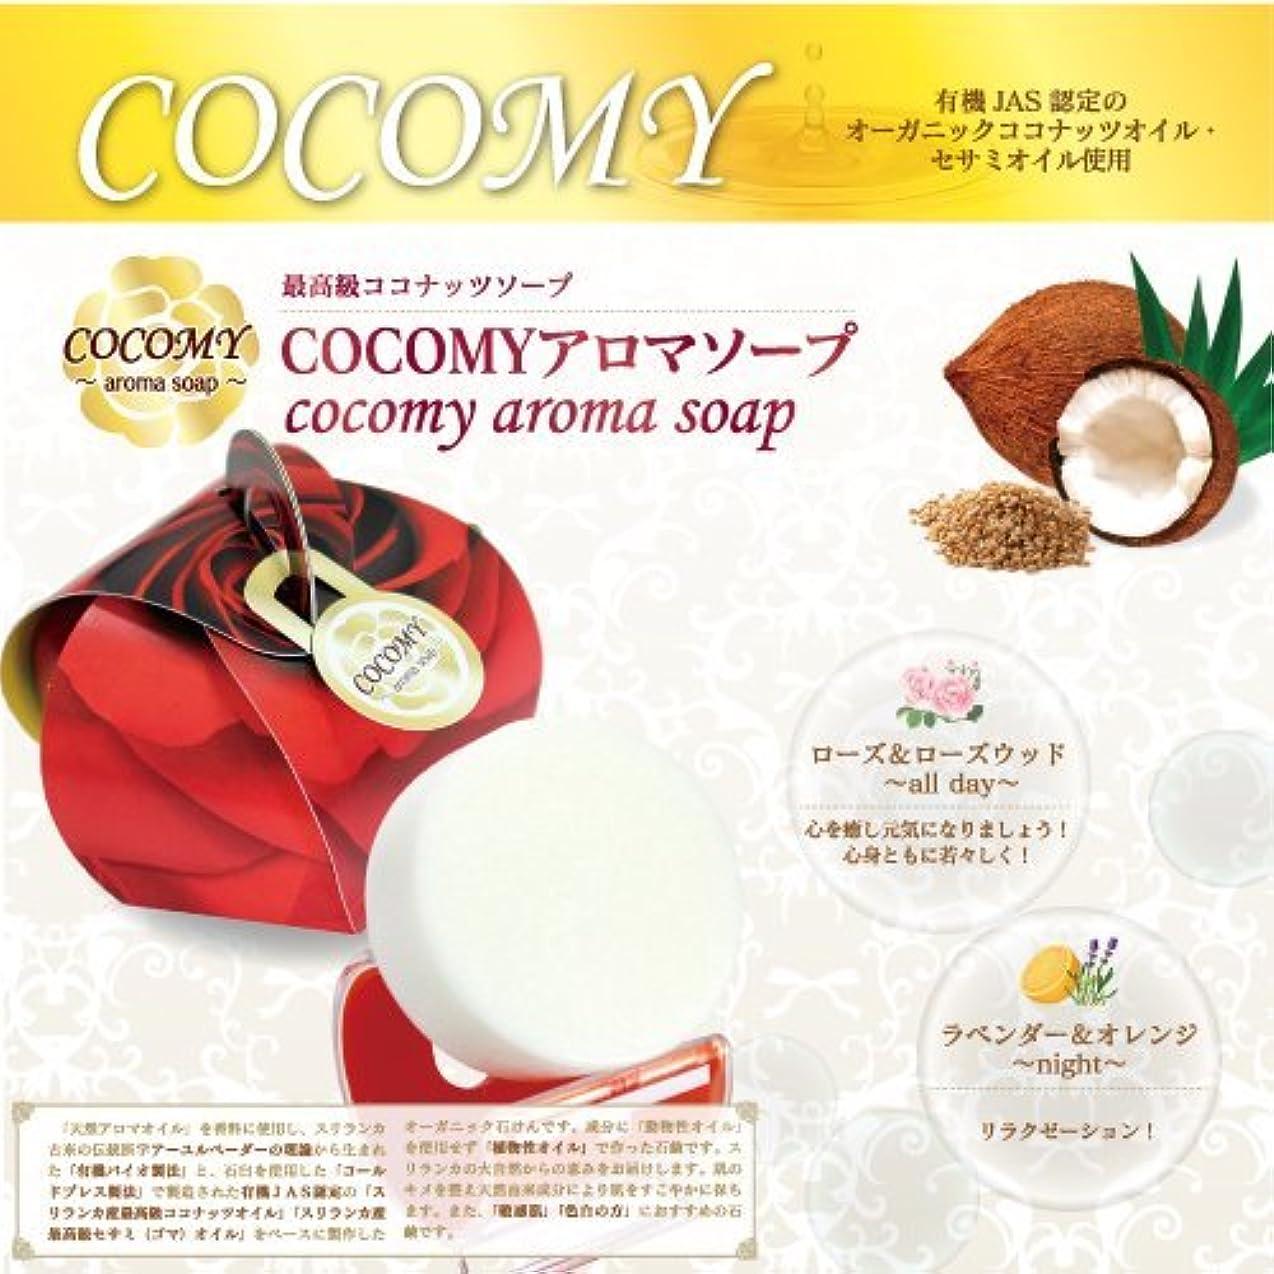 行き当たりばったりペデスタル器官COCOMY aromaソープ 4個セット (ラベンダー&オレンジ)(ローズ&ローズウッド) 40g×各2